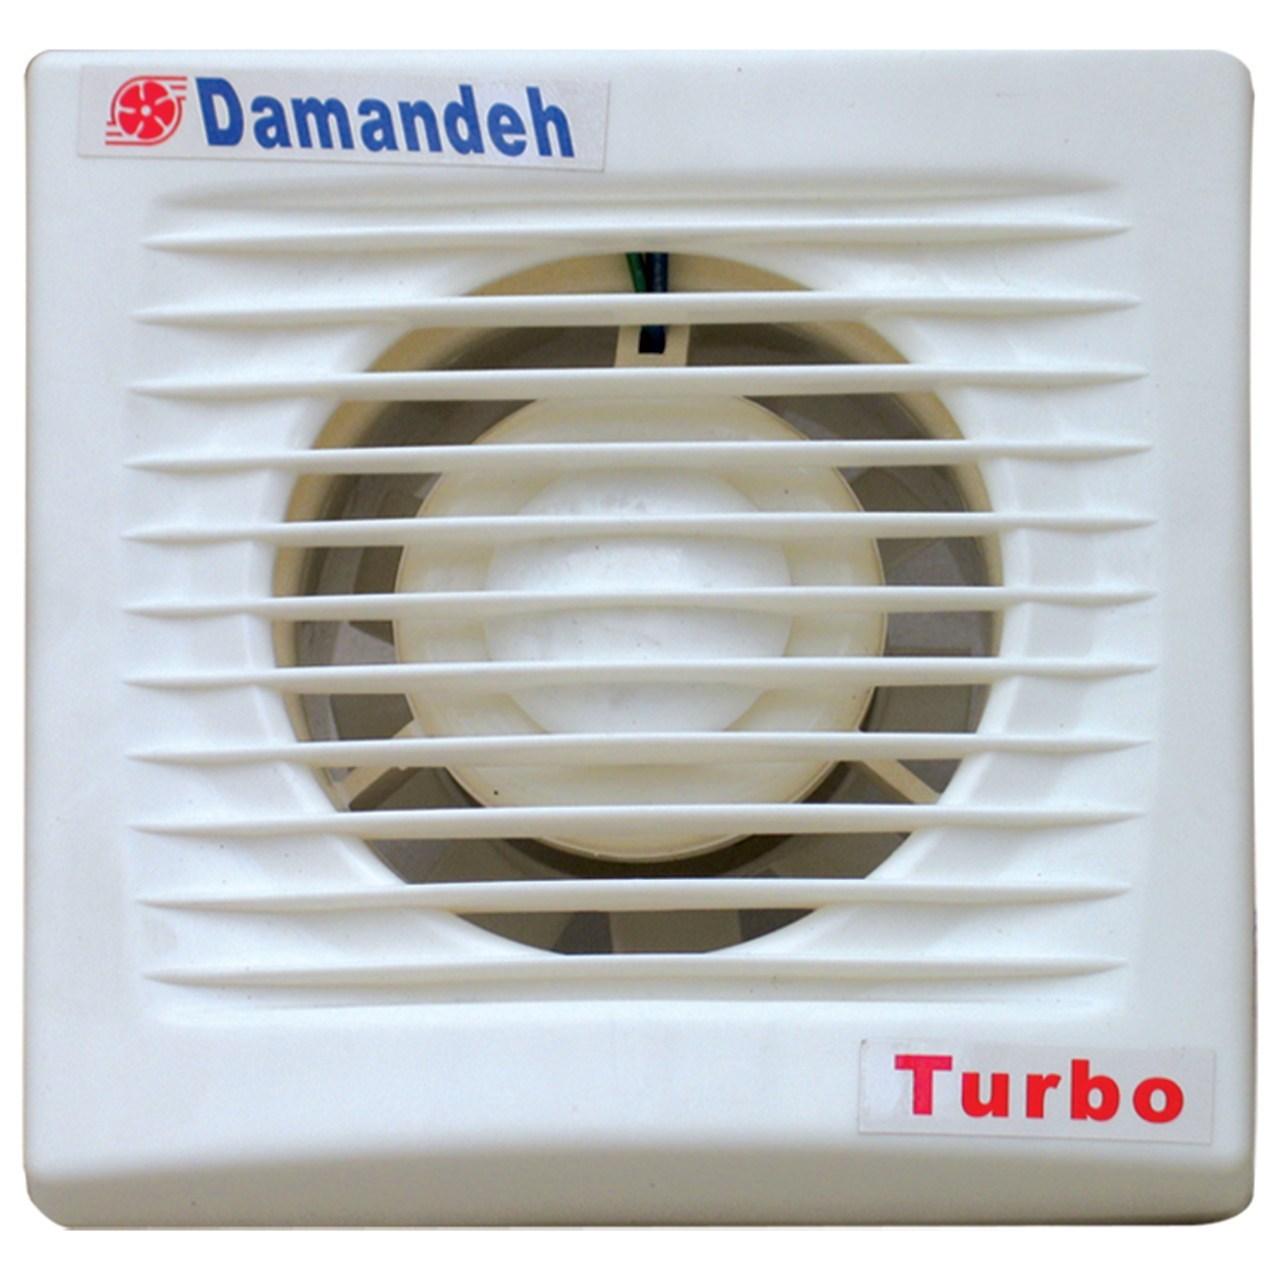 هواکش لوله ای دمنده سری Turbo مدل VPH-10S2S بسته 10 عددی